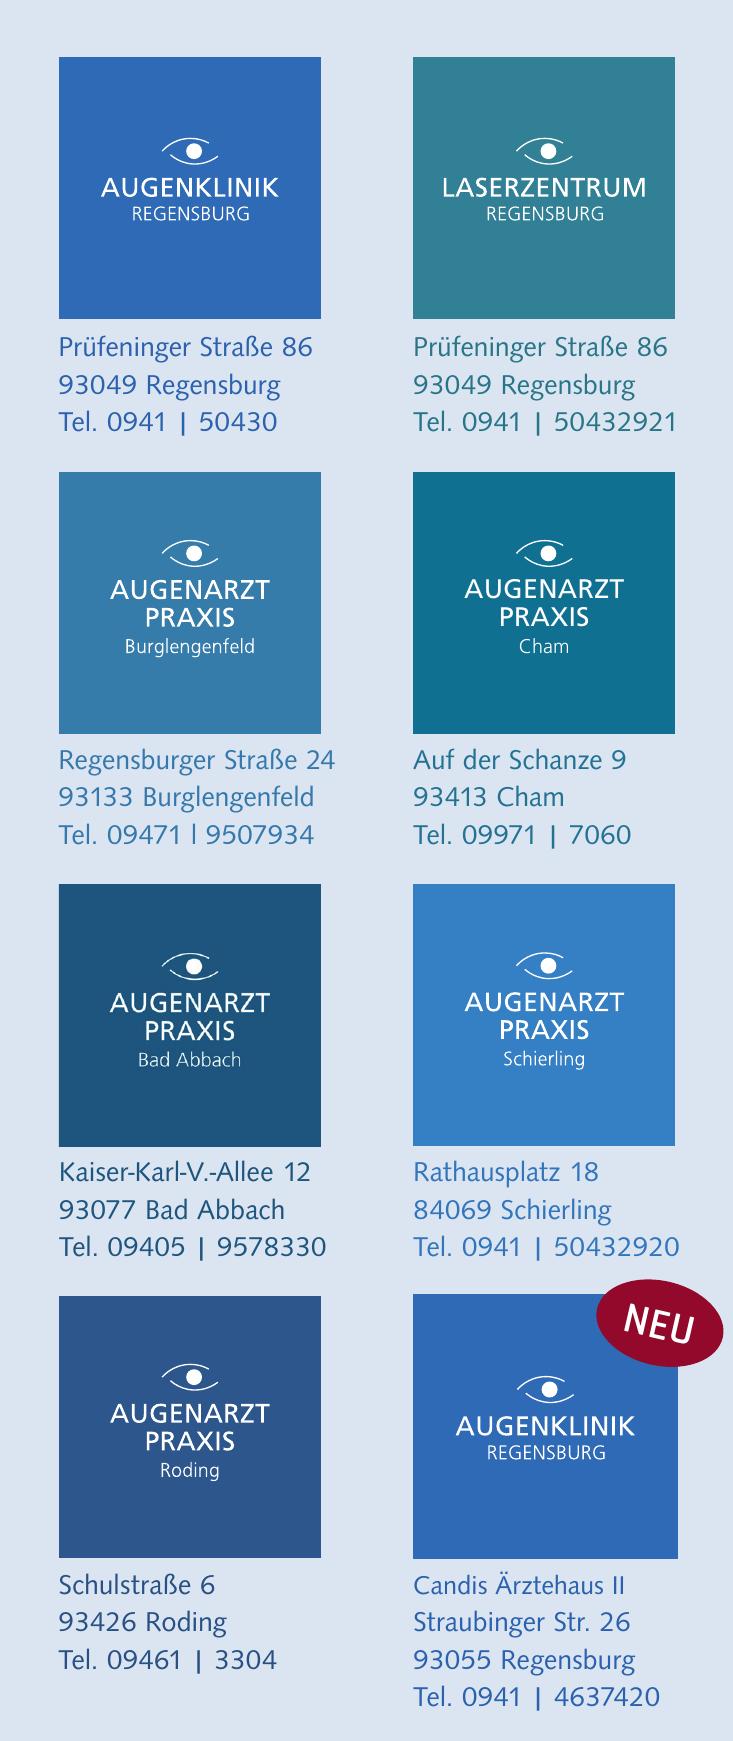 Augenklinik Regensburg: Standorte MVZ Augenärzte und Augenarztpraxen